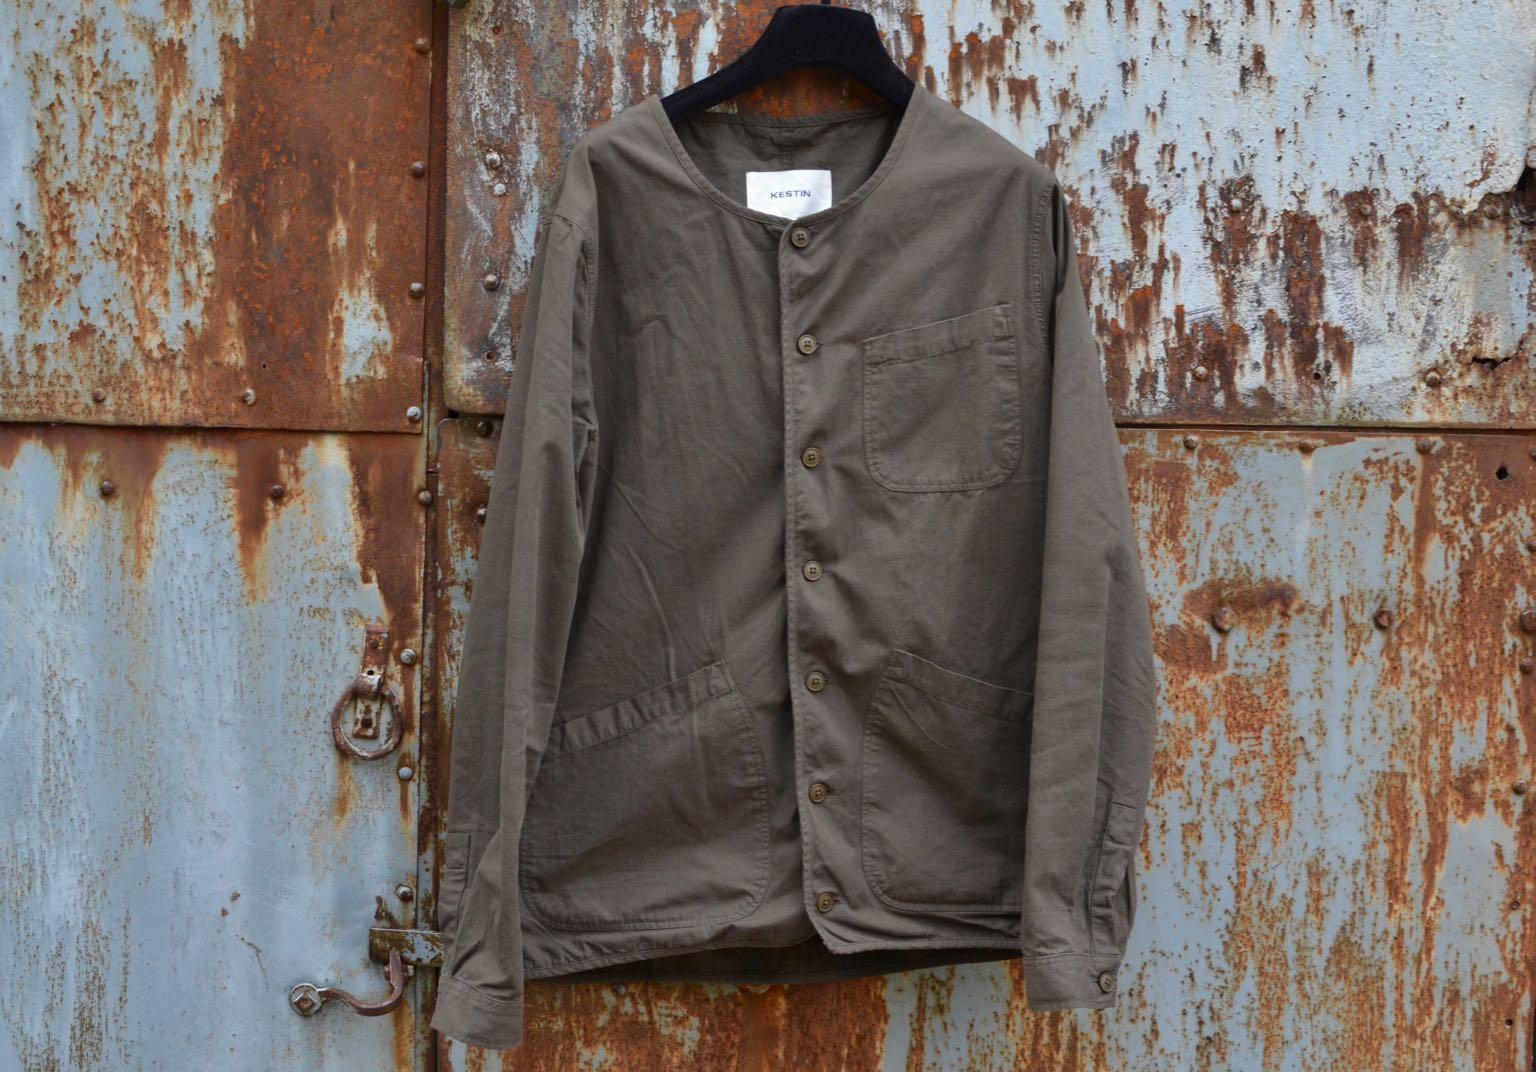 Kestin-hare-Neist overshirt in olive ripstop cotton - 1